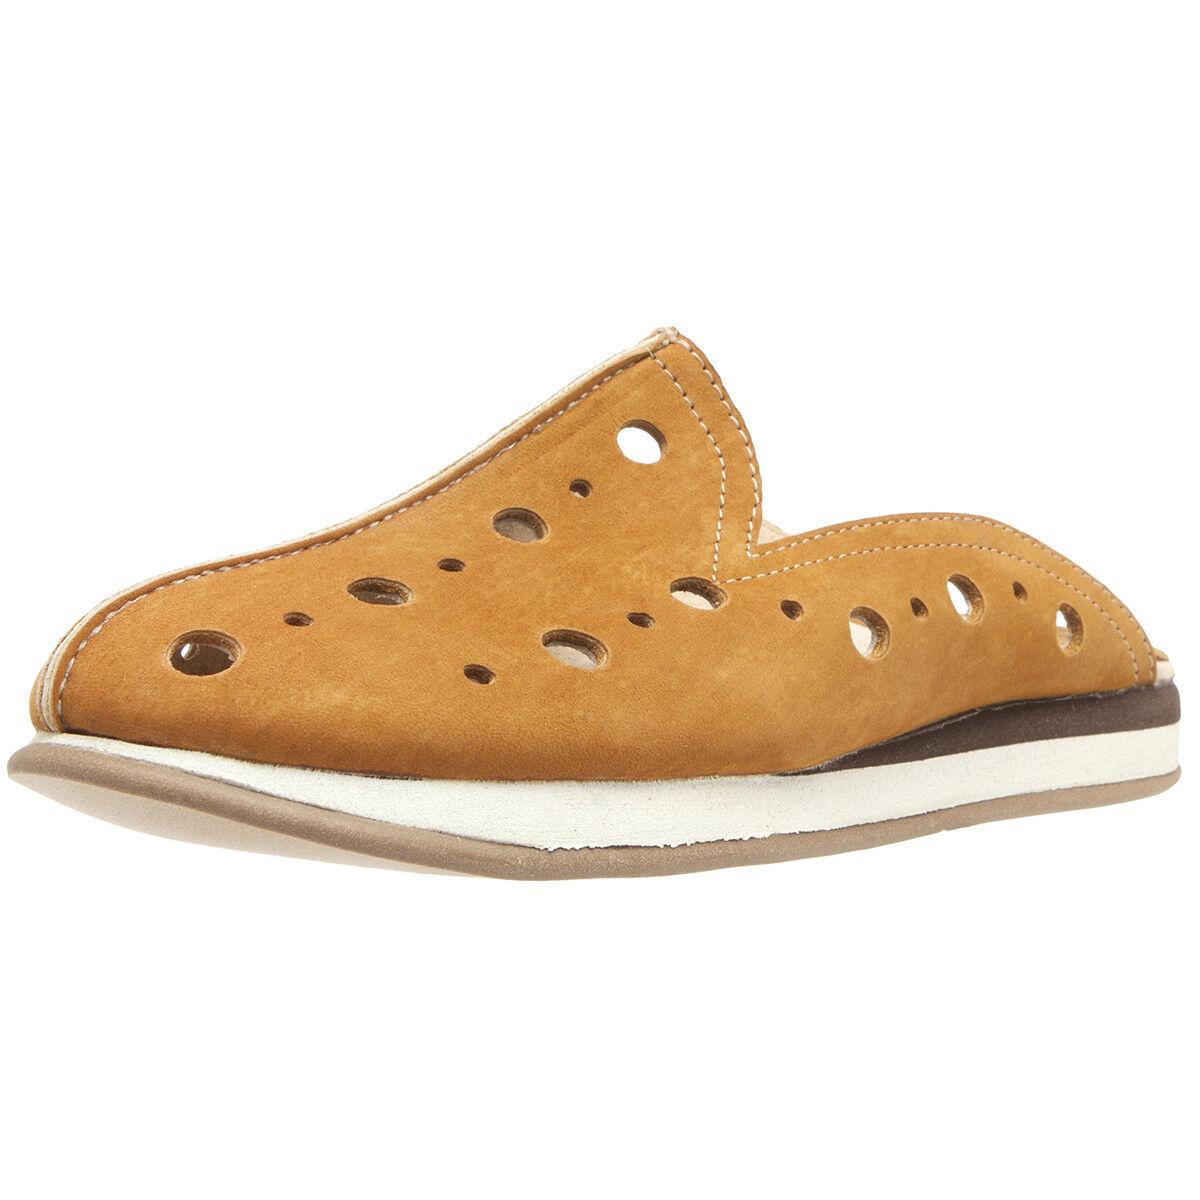 Mayan Roots kvinnor Genuine mocka läder Mul Sandaler Sandaler Sandaler  generell hög kvalitet